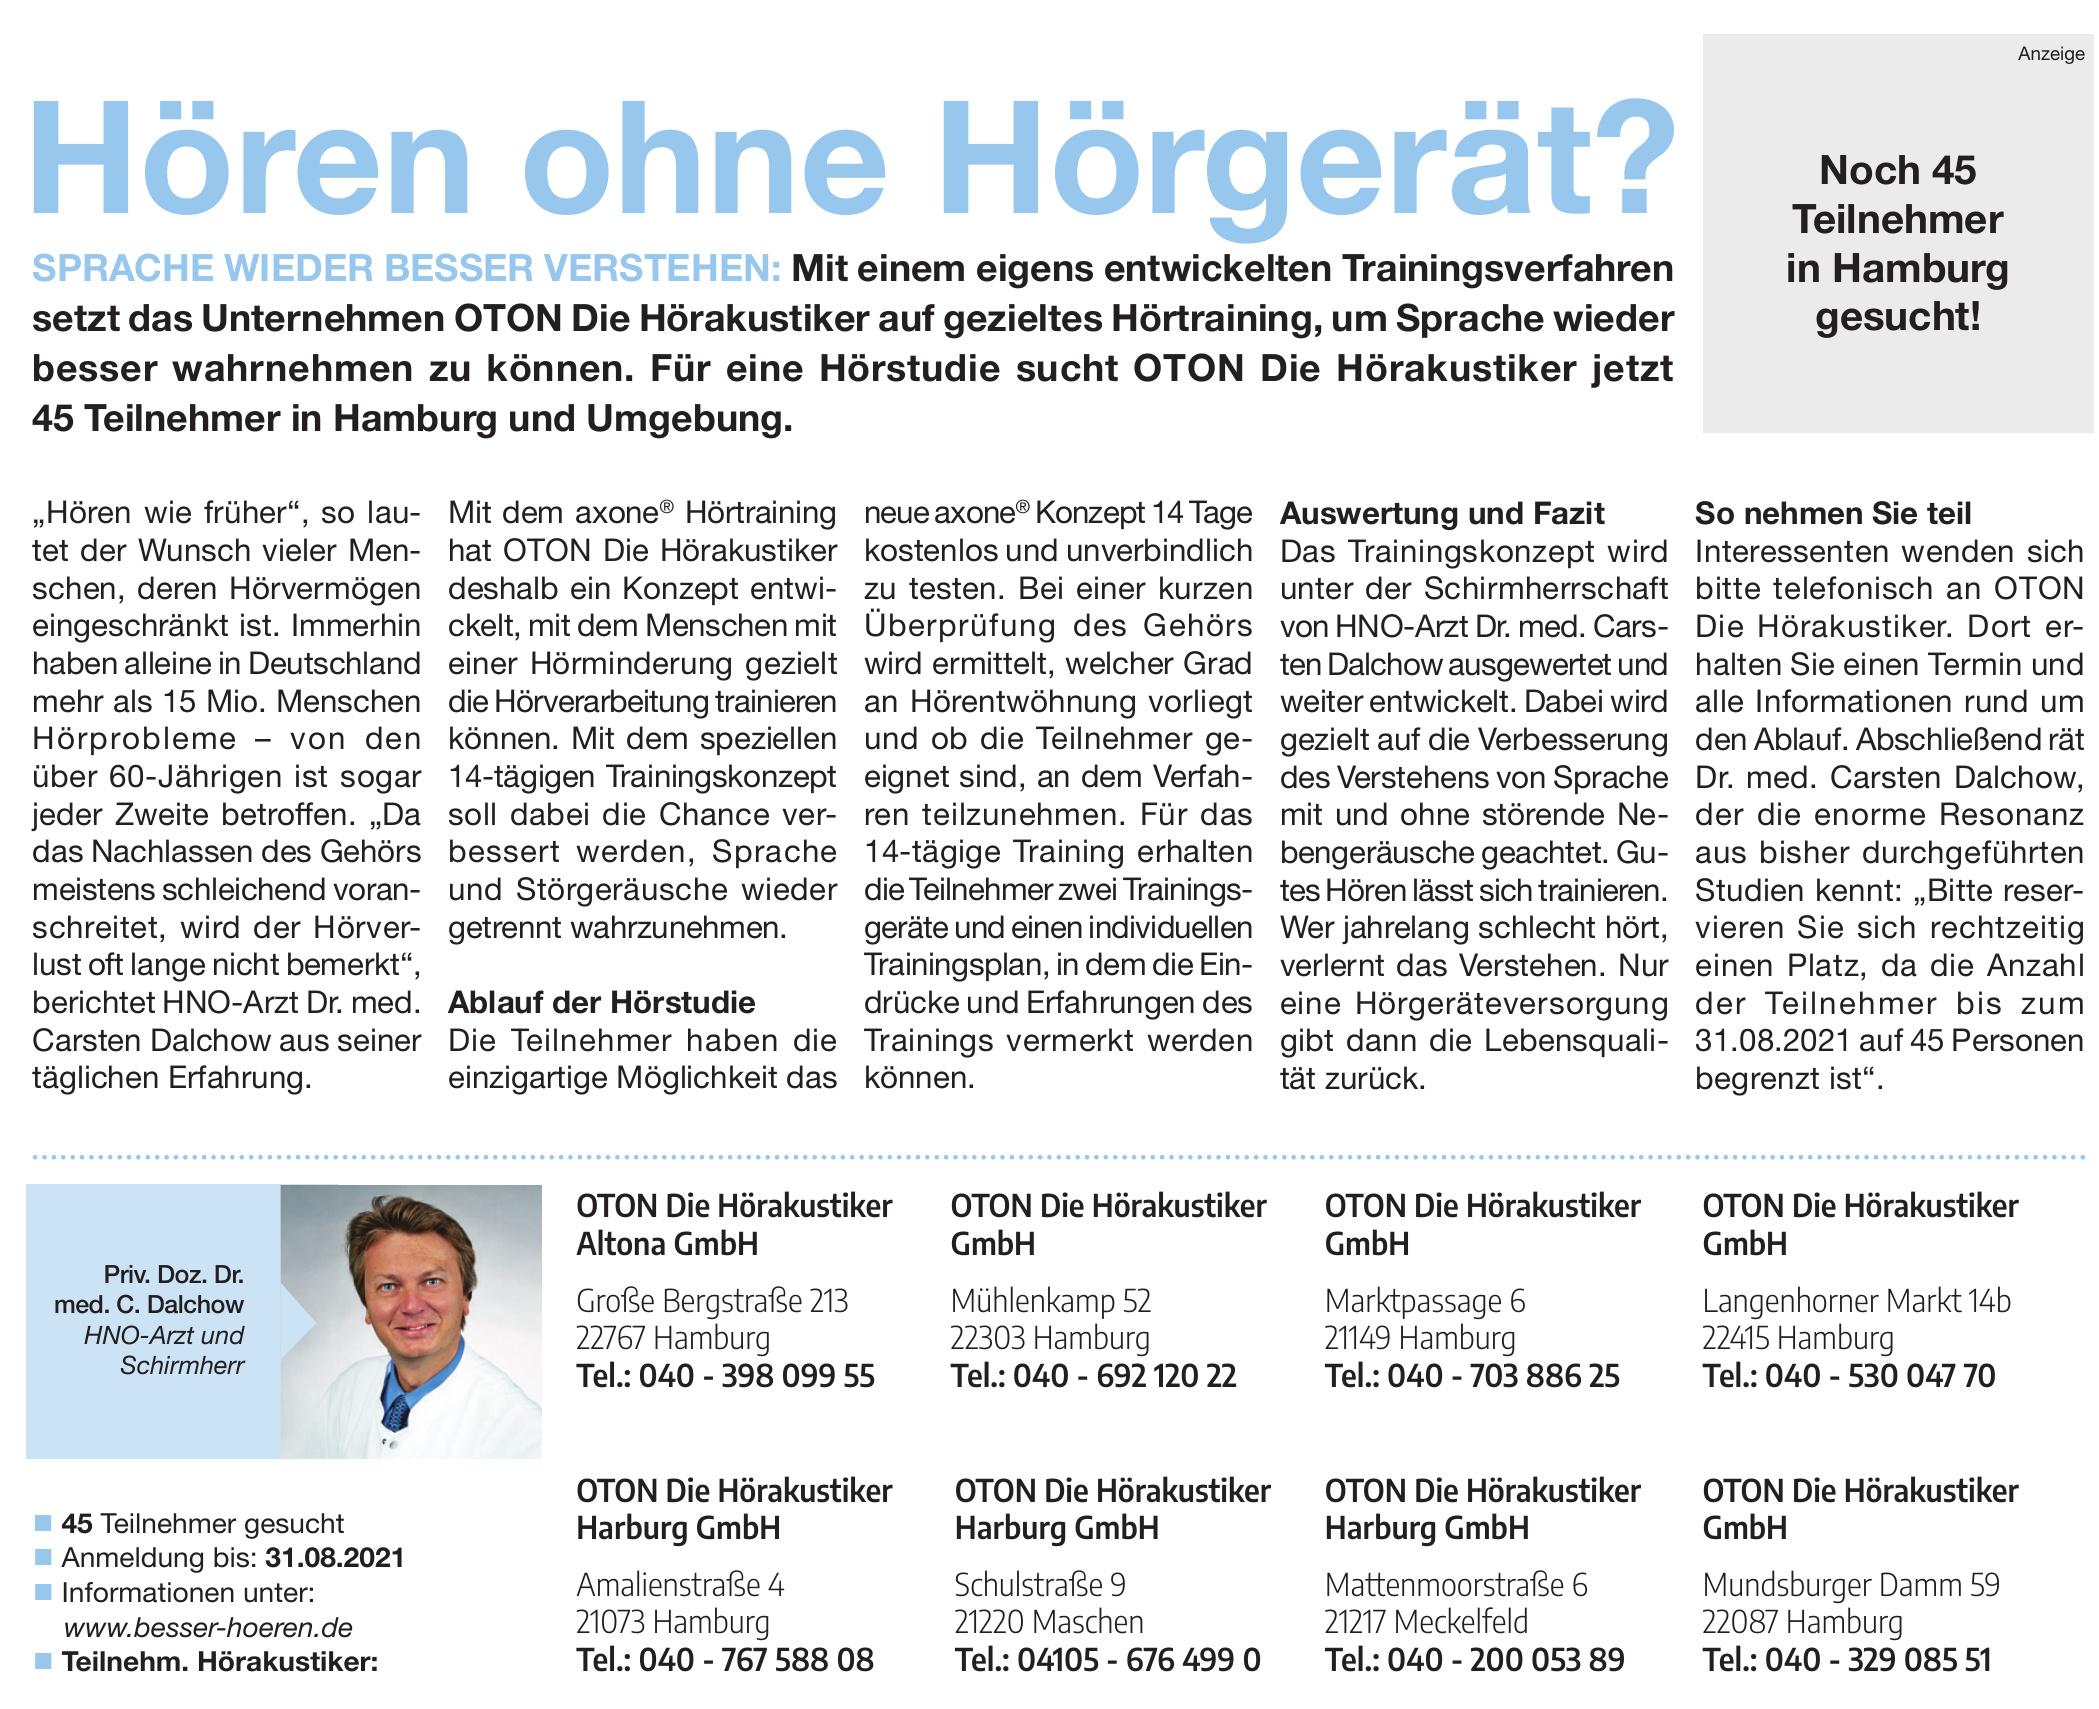 OTON Die Hörakustiker Altona GmbH